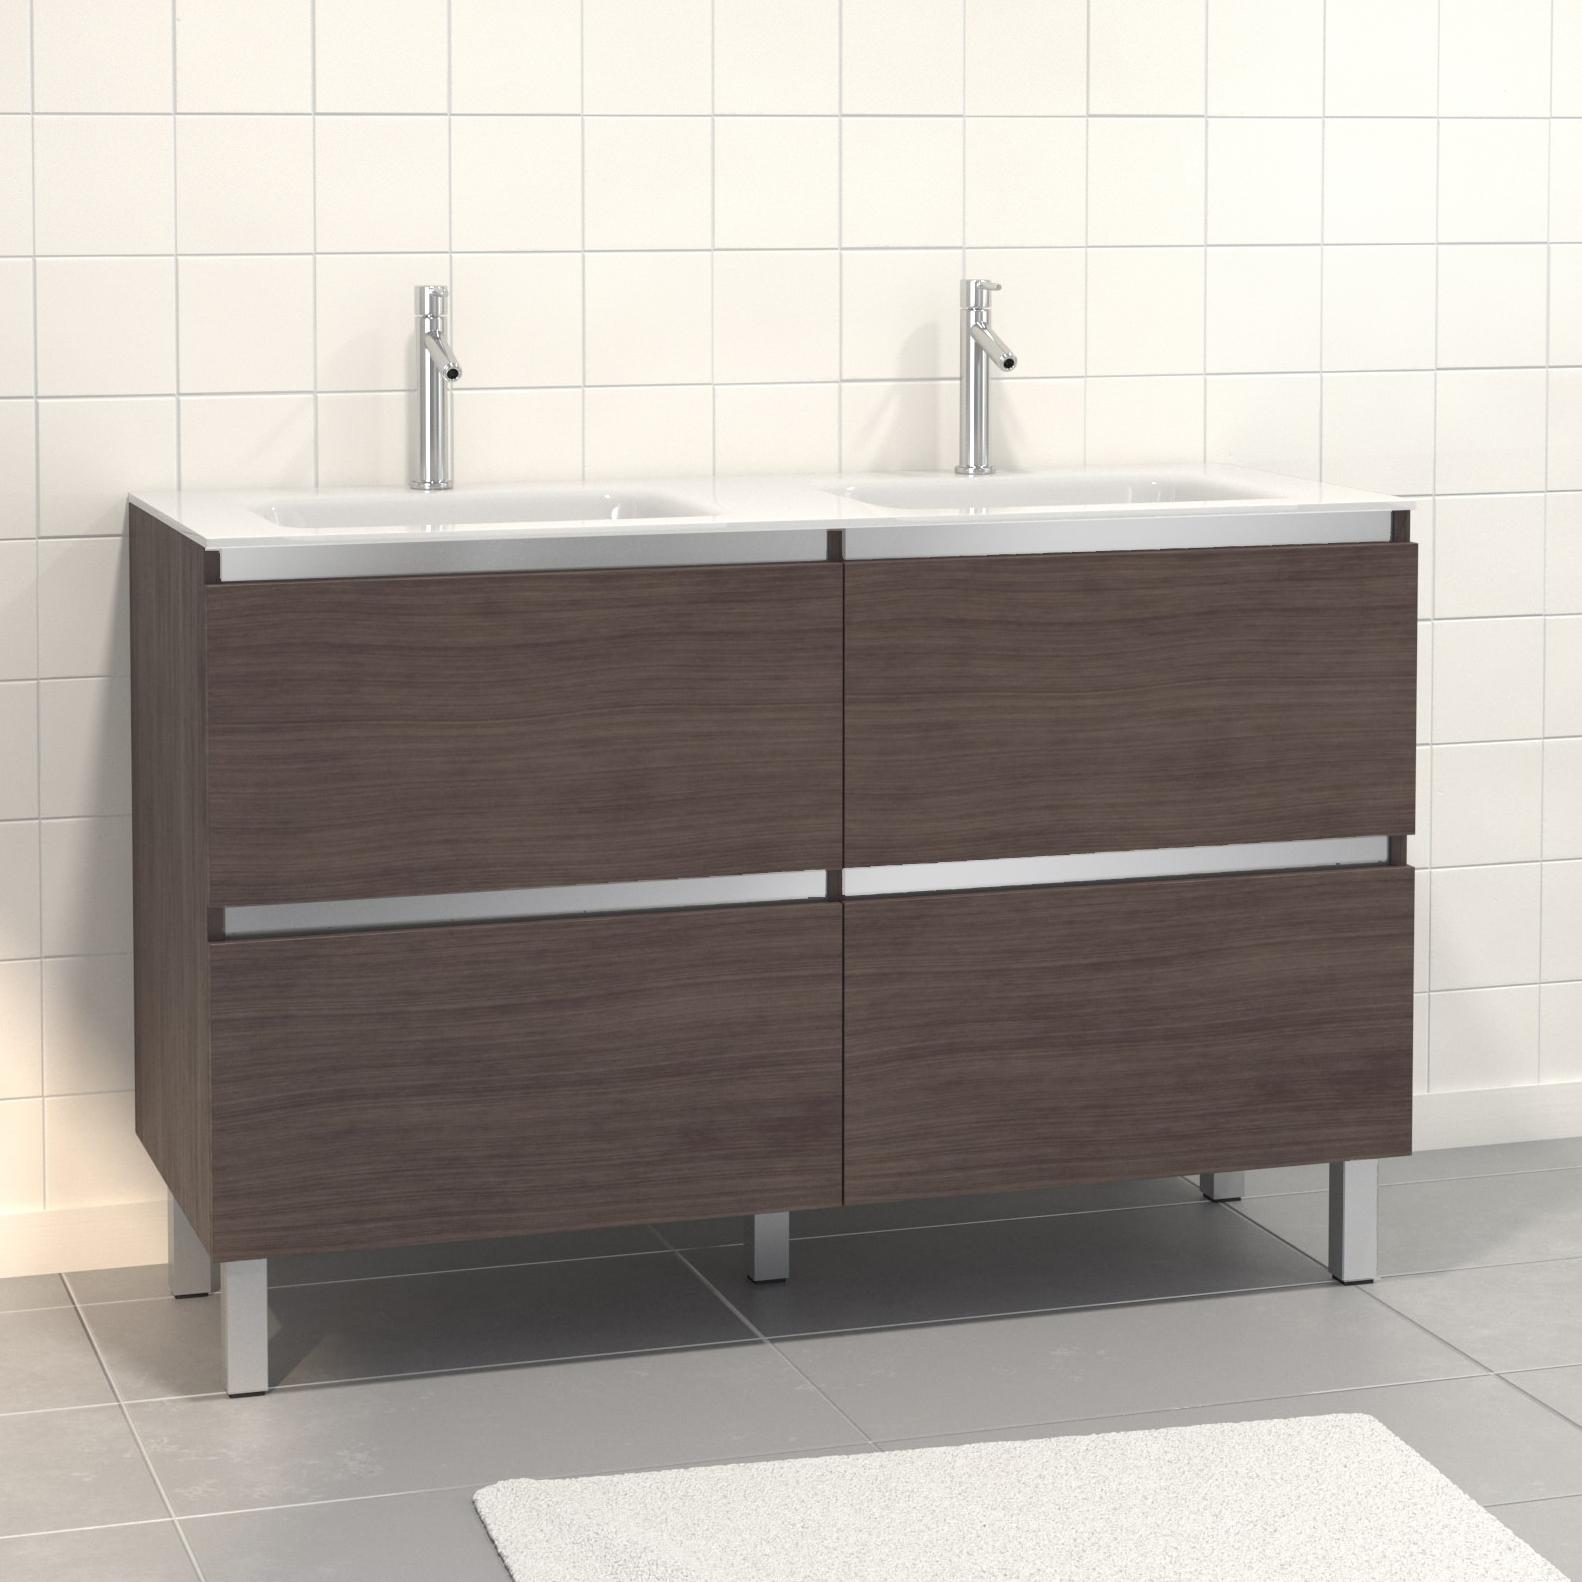 Pack Meuble de salle de bain 130x50 cm finition Graphite + vasque en verre blanc